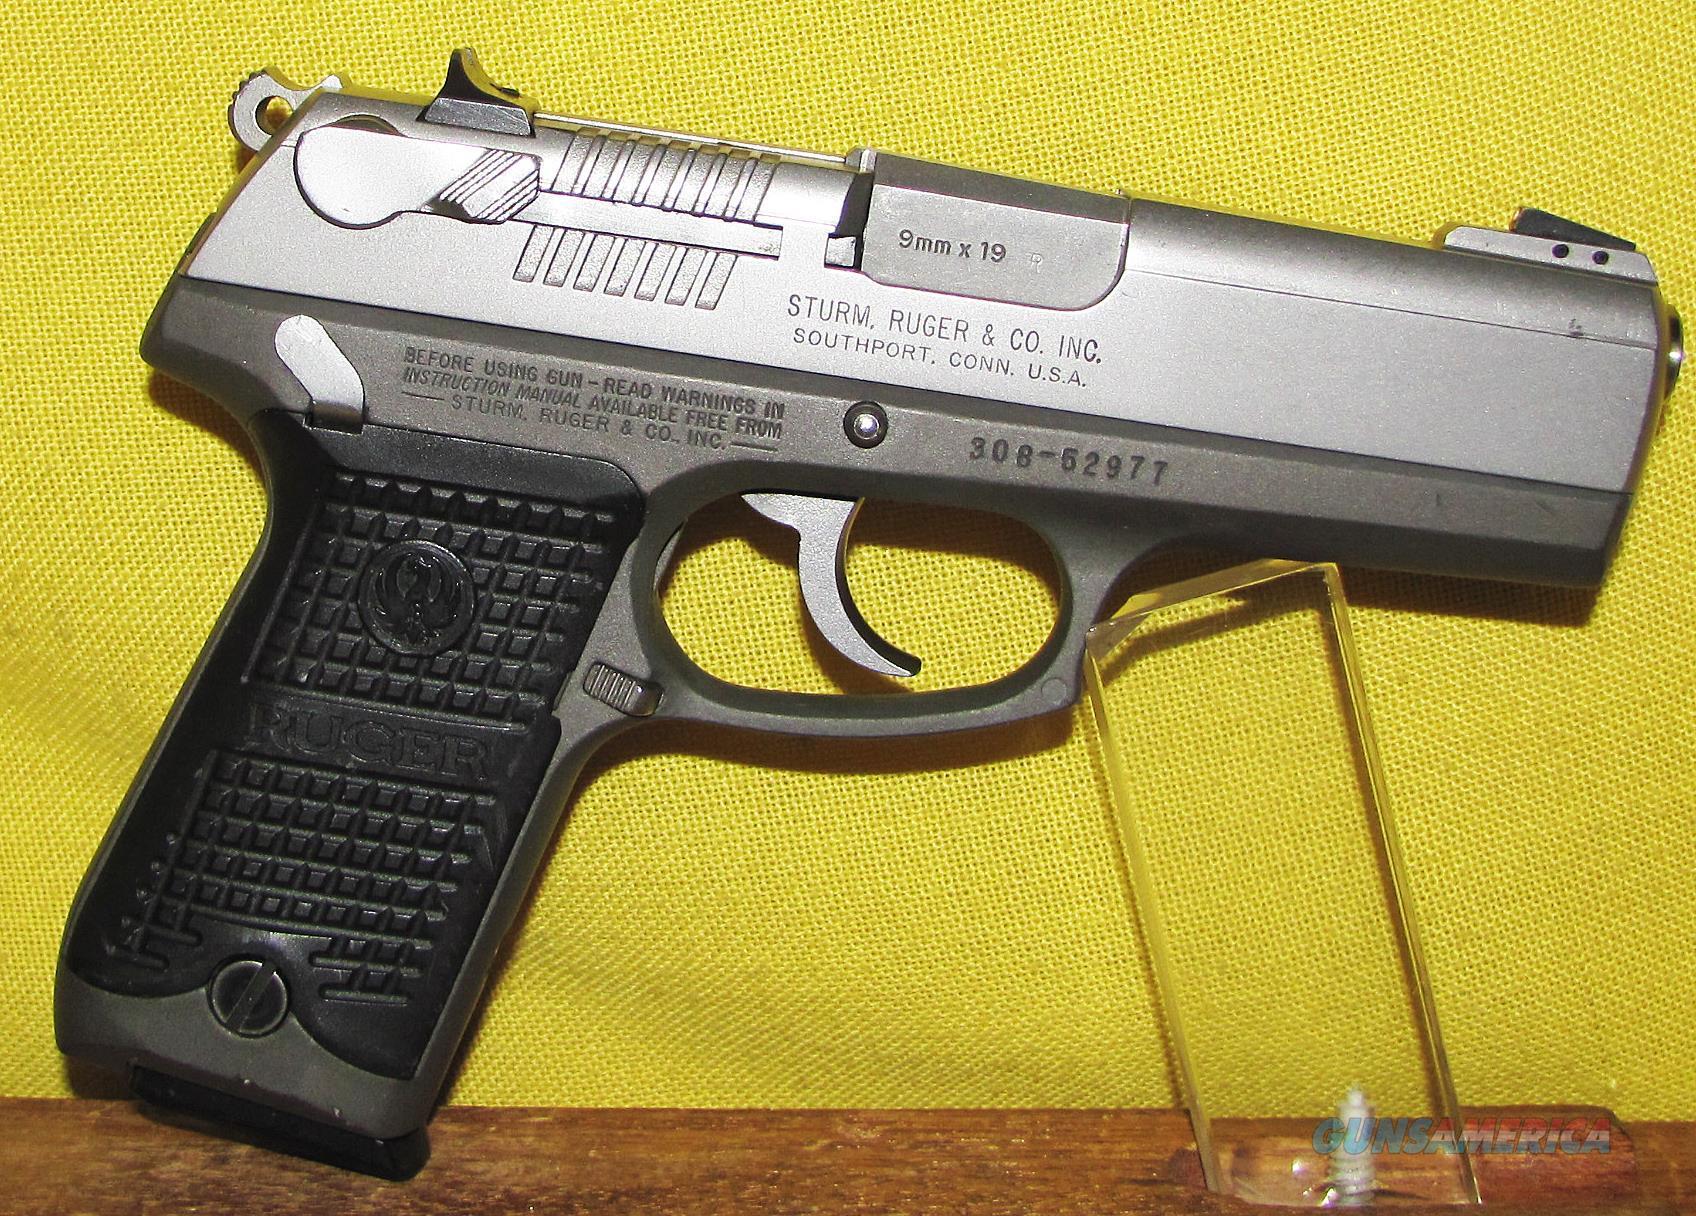 ruger p94 for sale rh gunsamerica com Ruger P90 Ruger P90